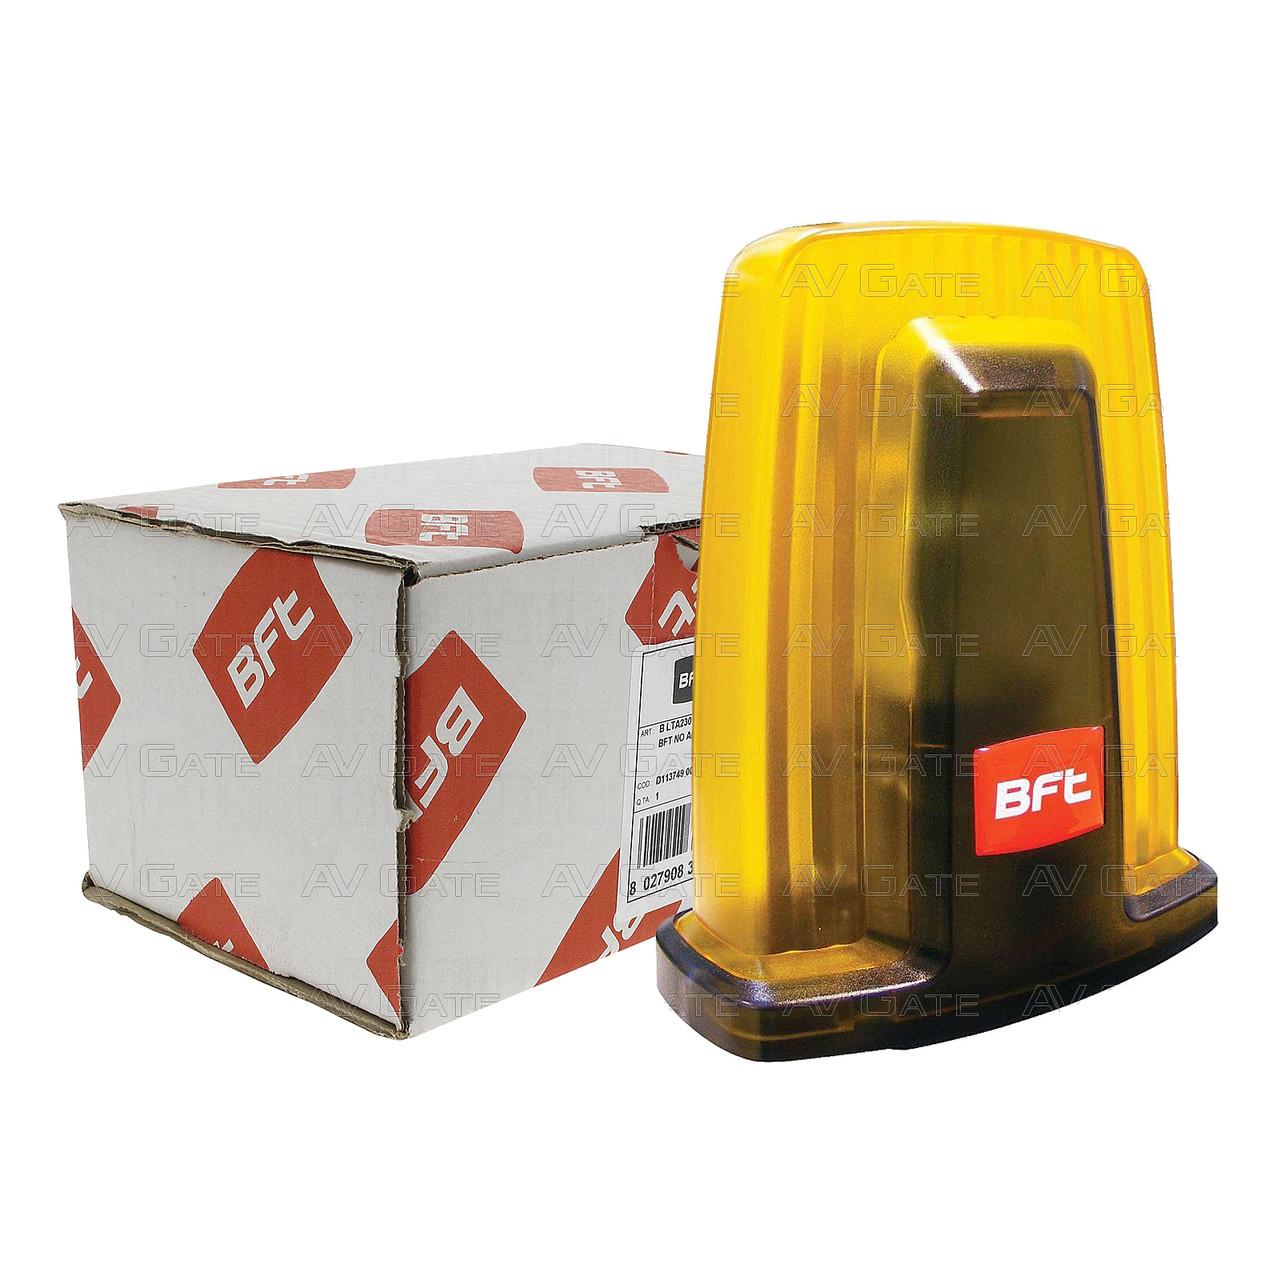 Сигнальная LED-лампа RADIUS LED BT BFT (24В)